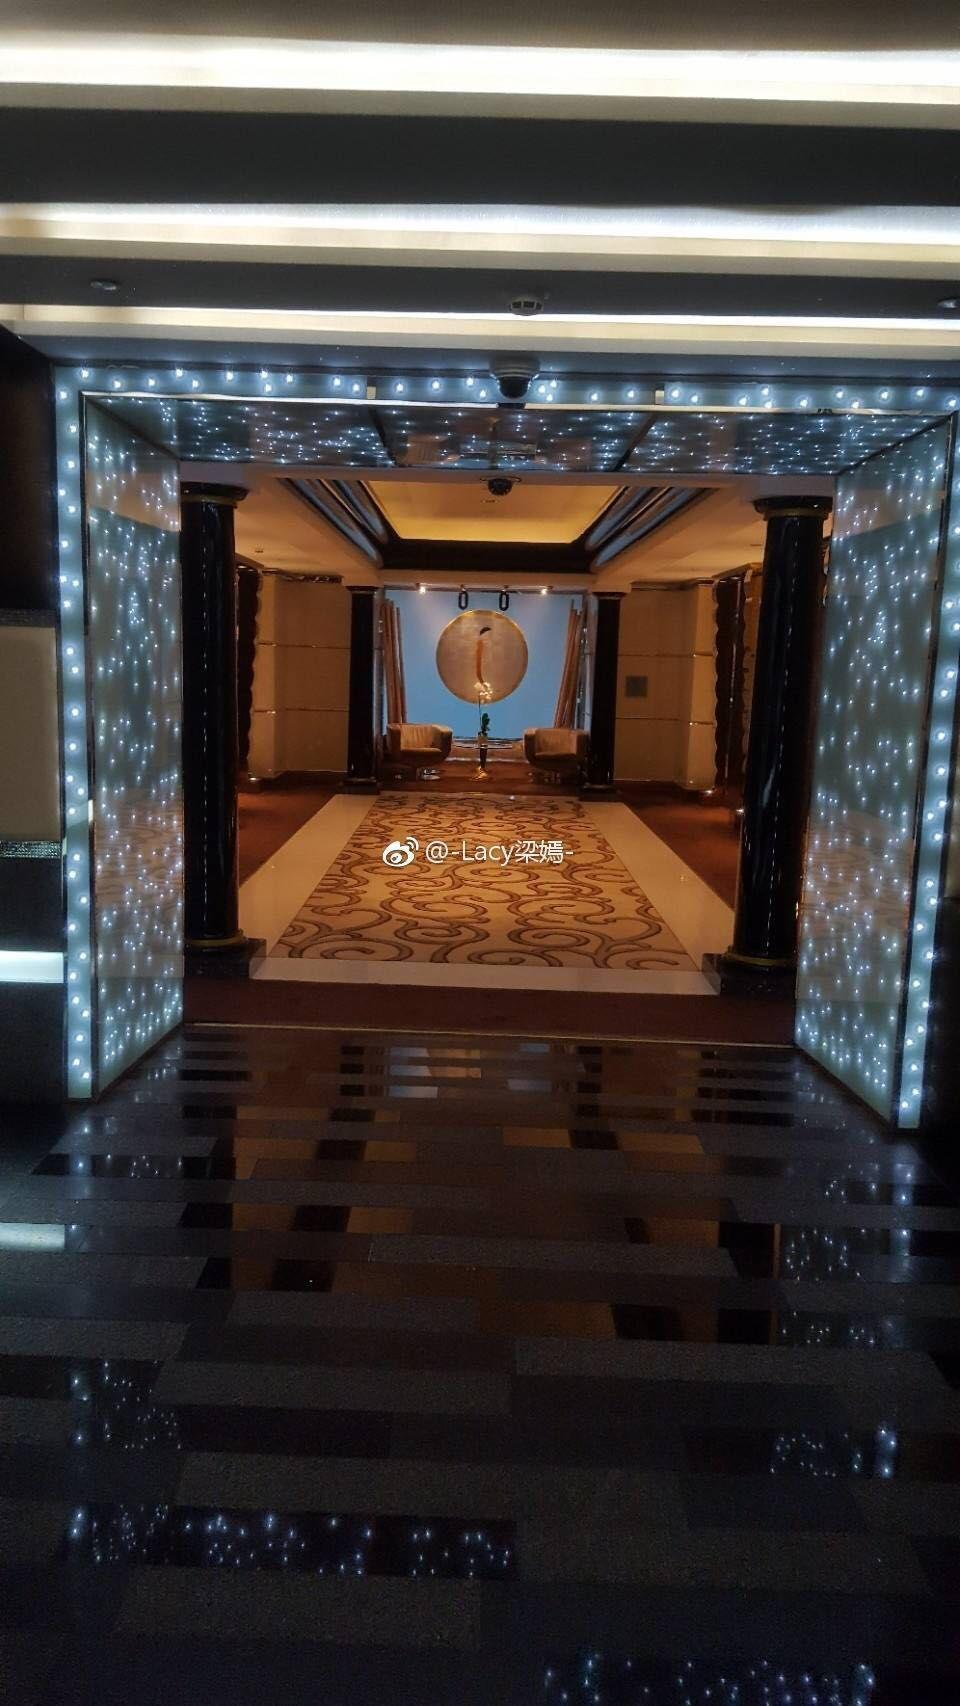 迪拜帆船酒店员工冒死爆料:花钱最多的中国人,竟遭最大歧视